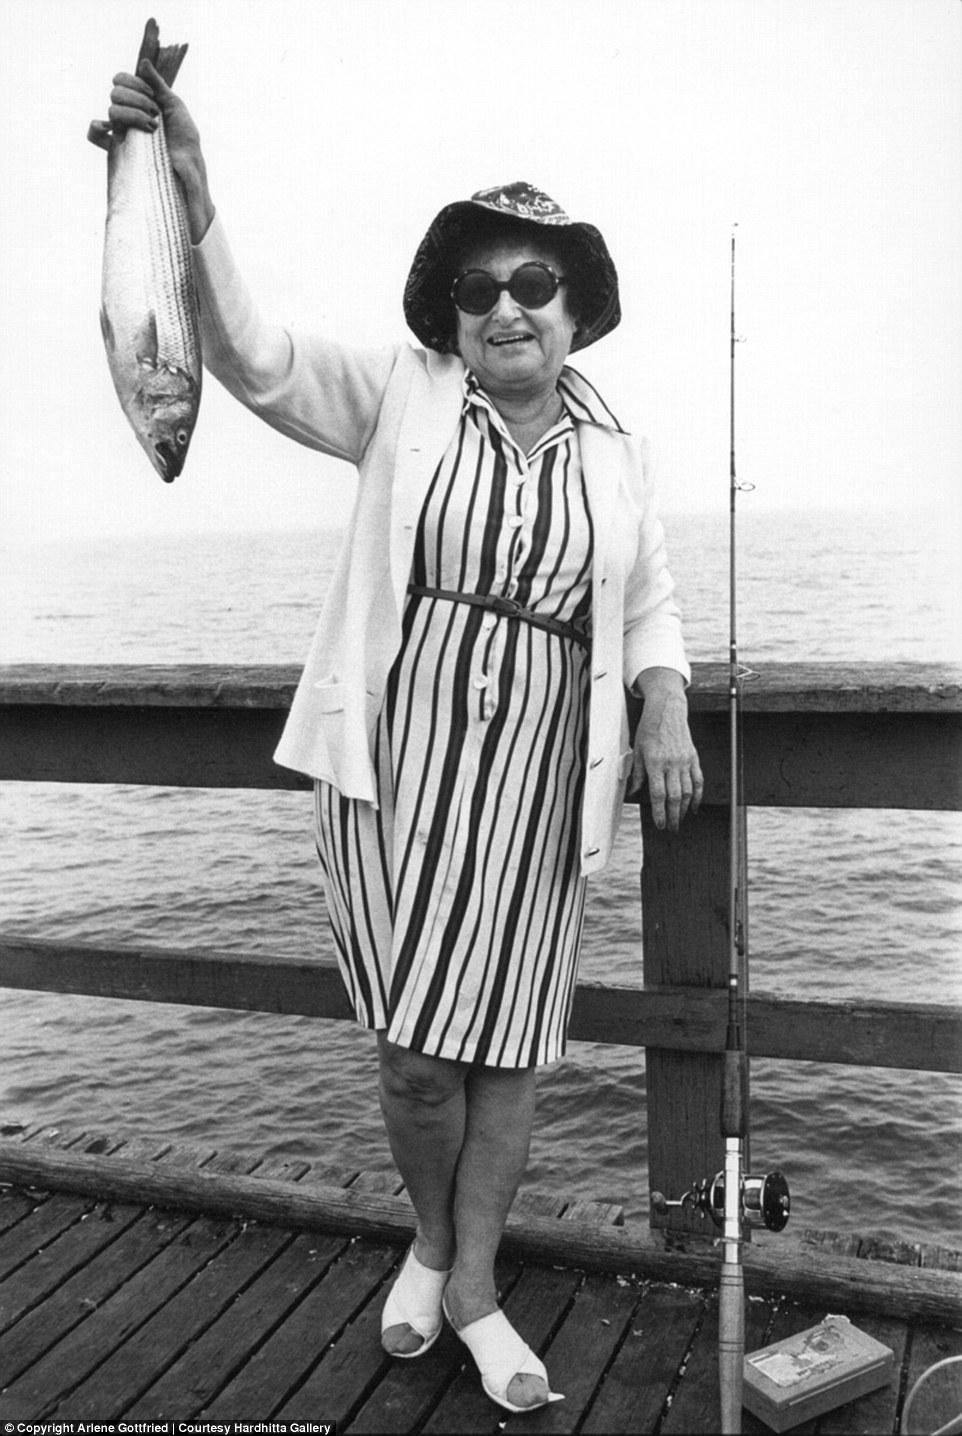 Странные персонажи Нью-Йорка в объективе Арлин Готтфрид с 1970-х годов до наших дней (20 фото)